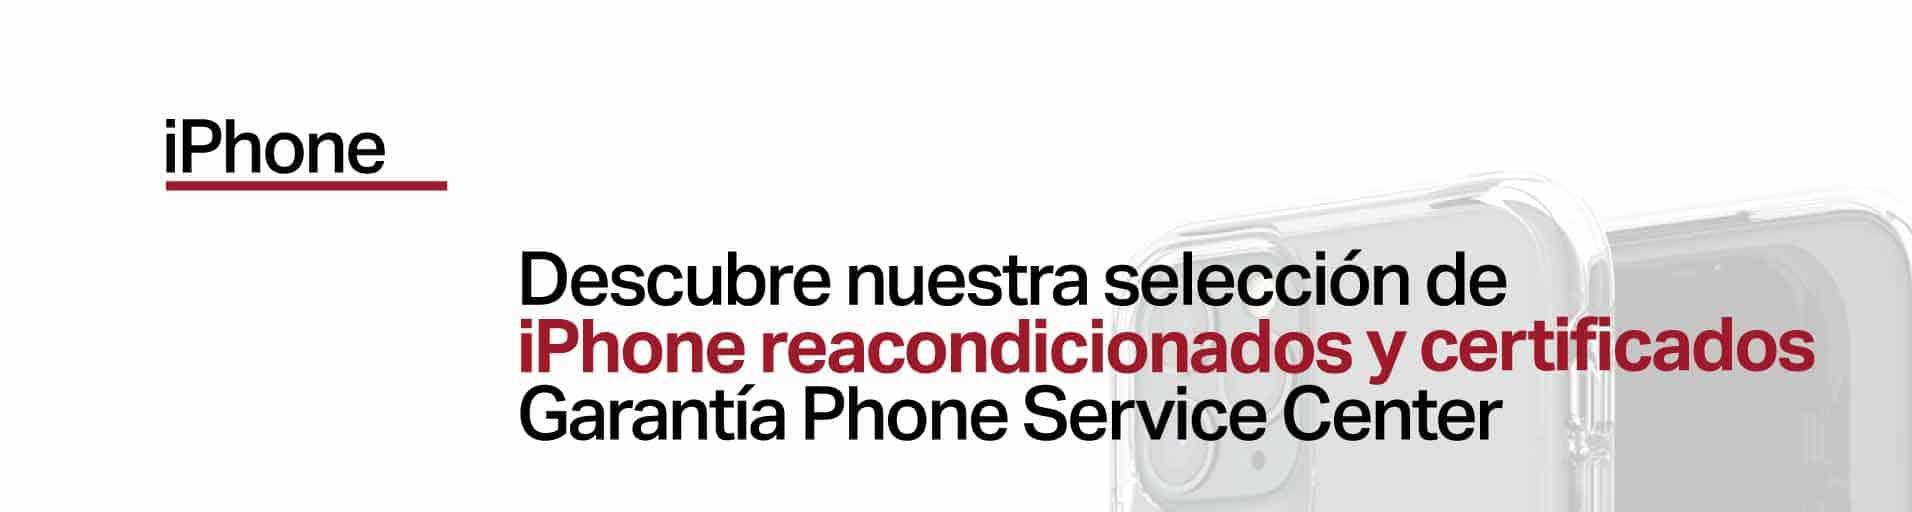 merece-la-pena-comprar-un-iphone-reacondicionado